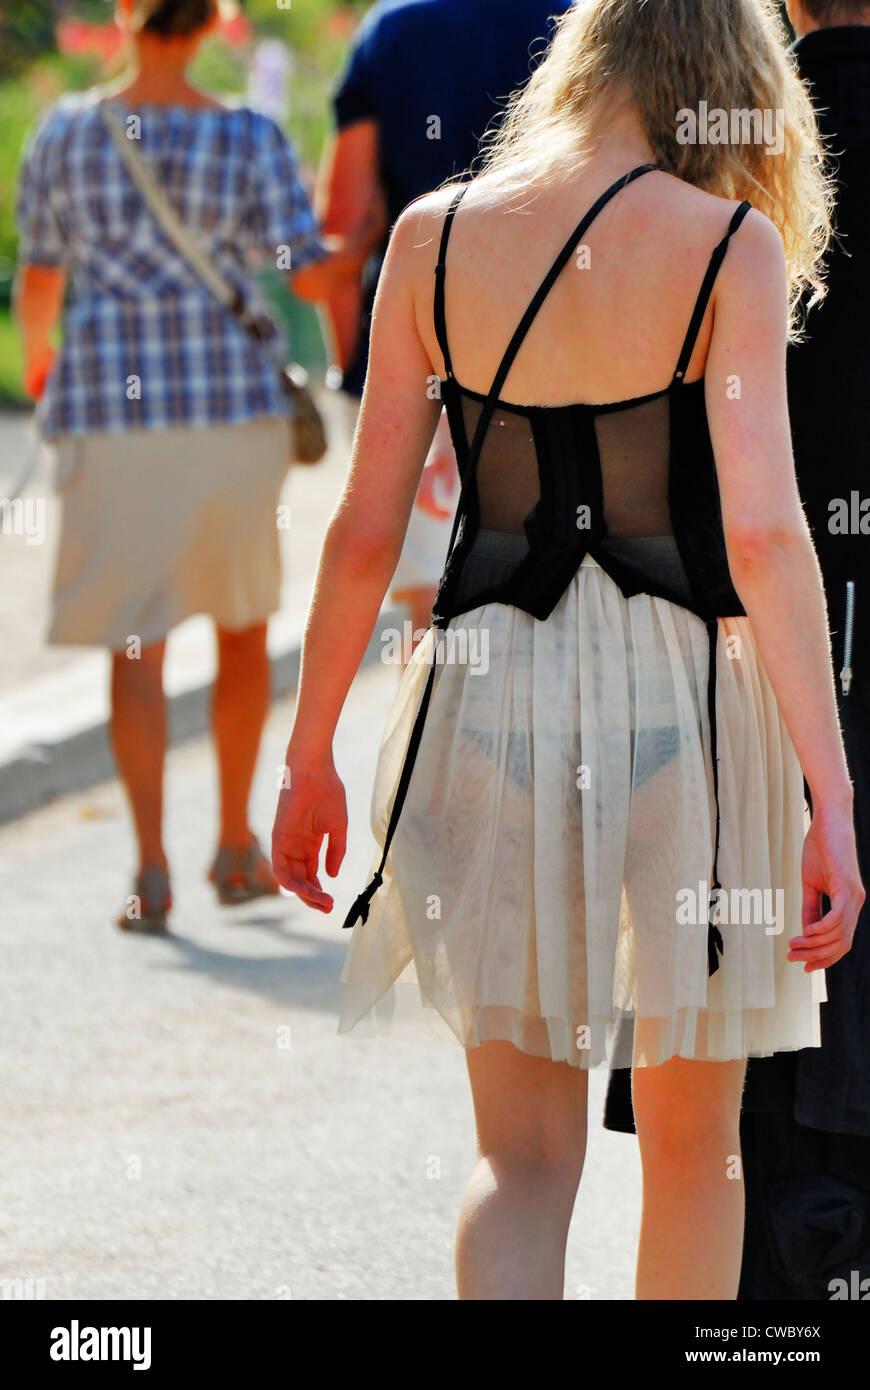 Women Fashion Skirts Outside